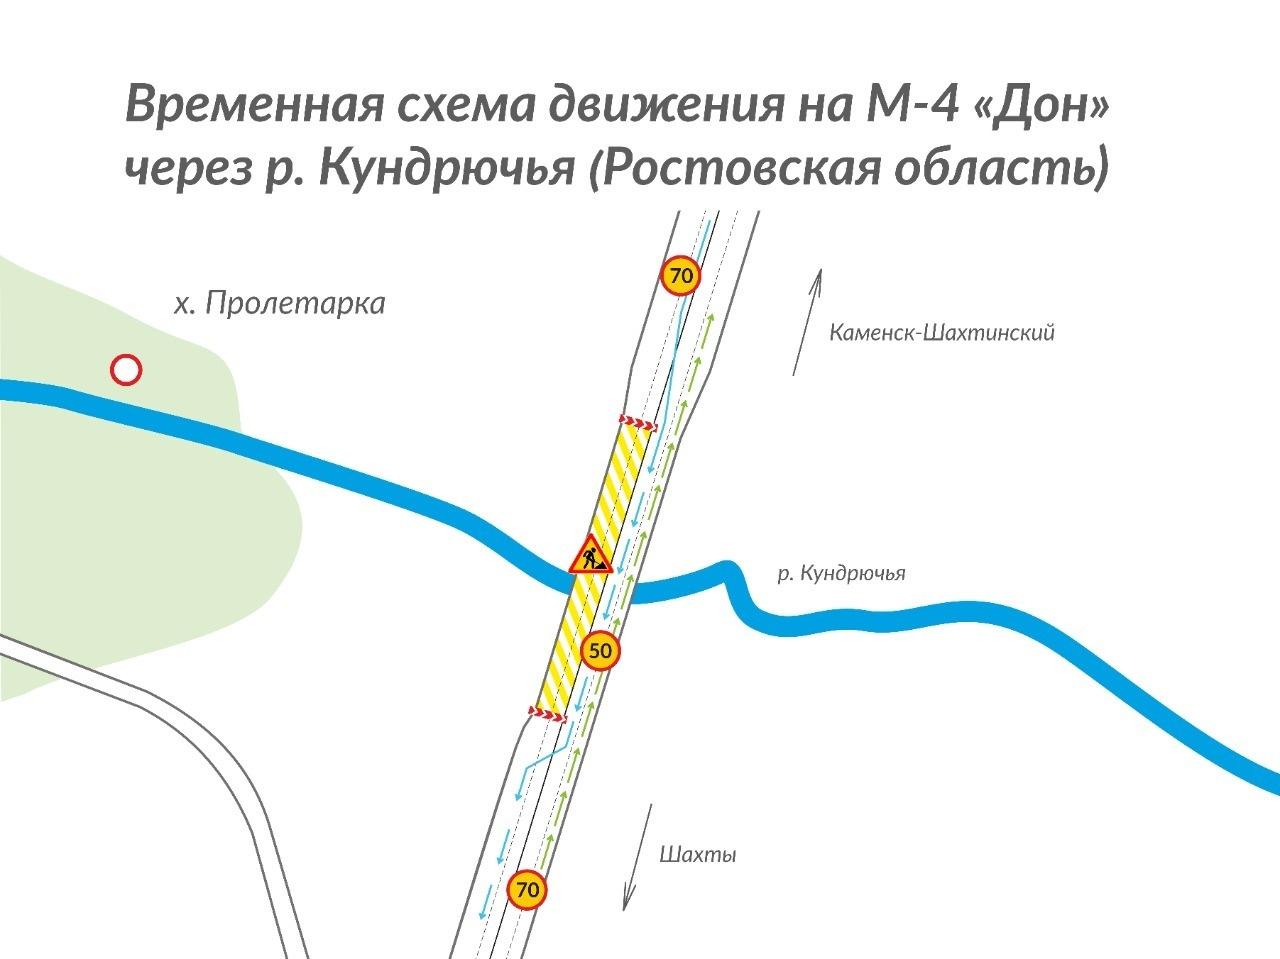 Ограничено движение на мосту через реку Кундрючья на трассе М-4 «Дон»